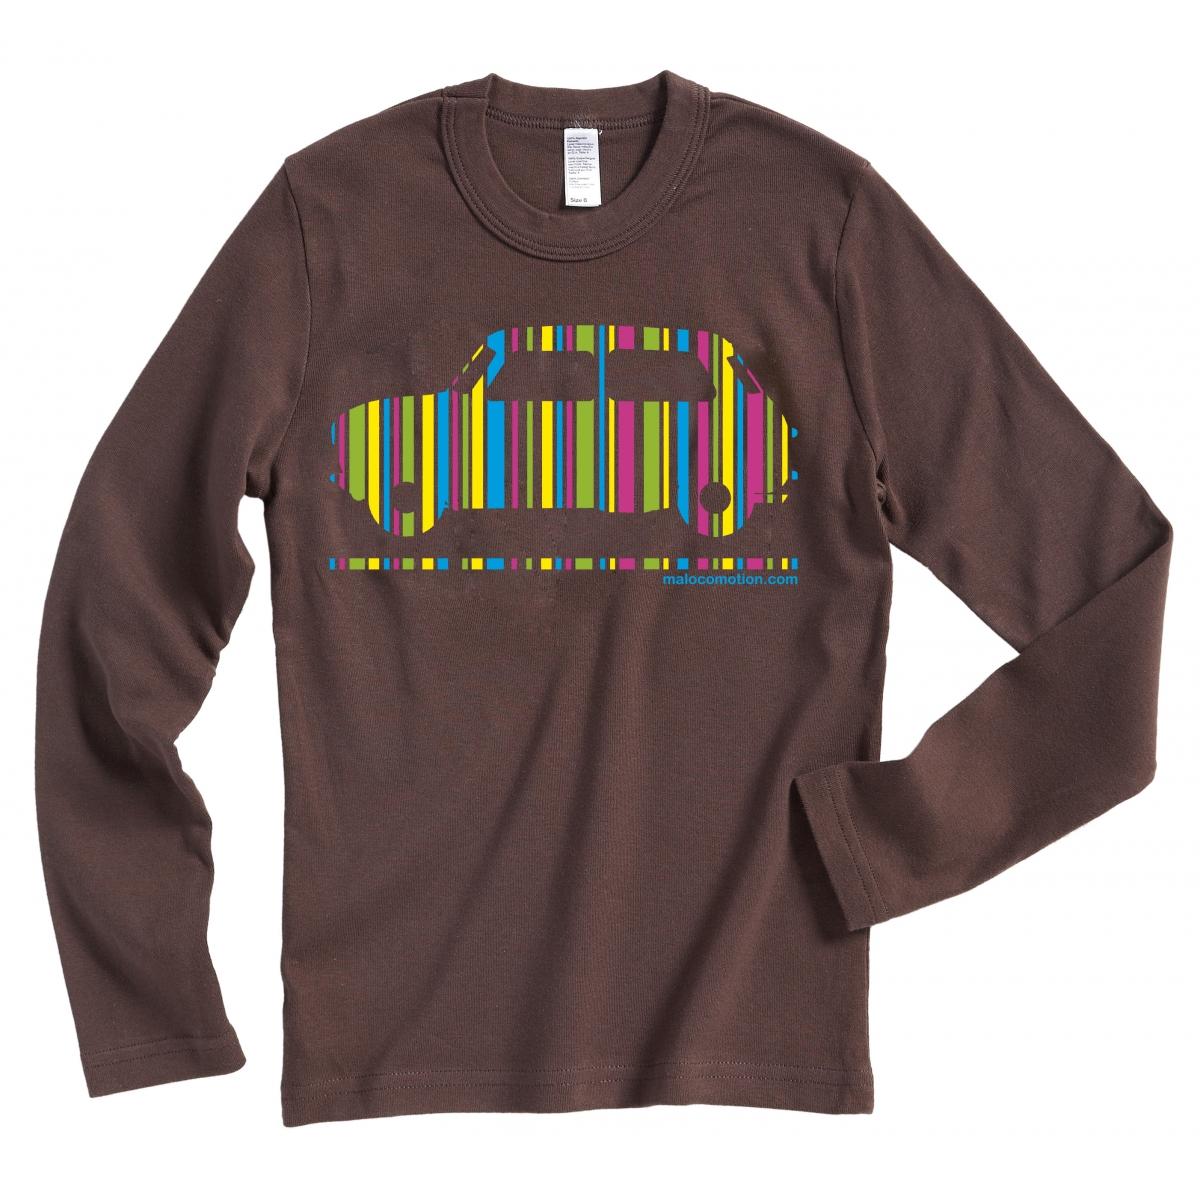 Bar codes Austin Mini t-shirt brown / long sleeves